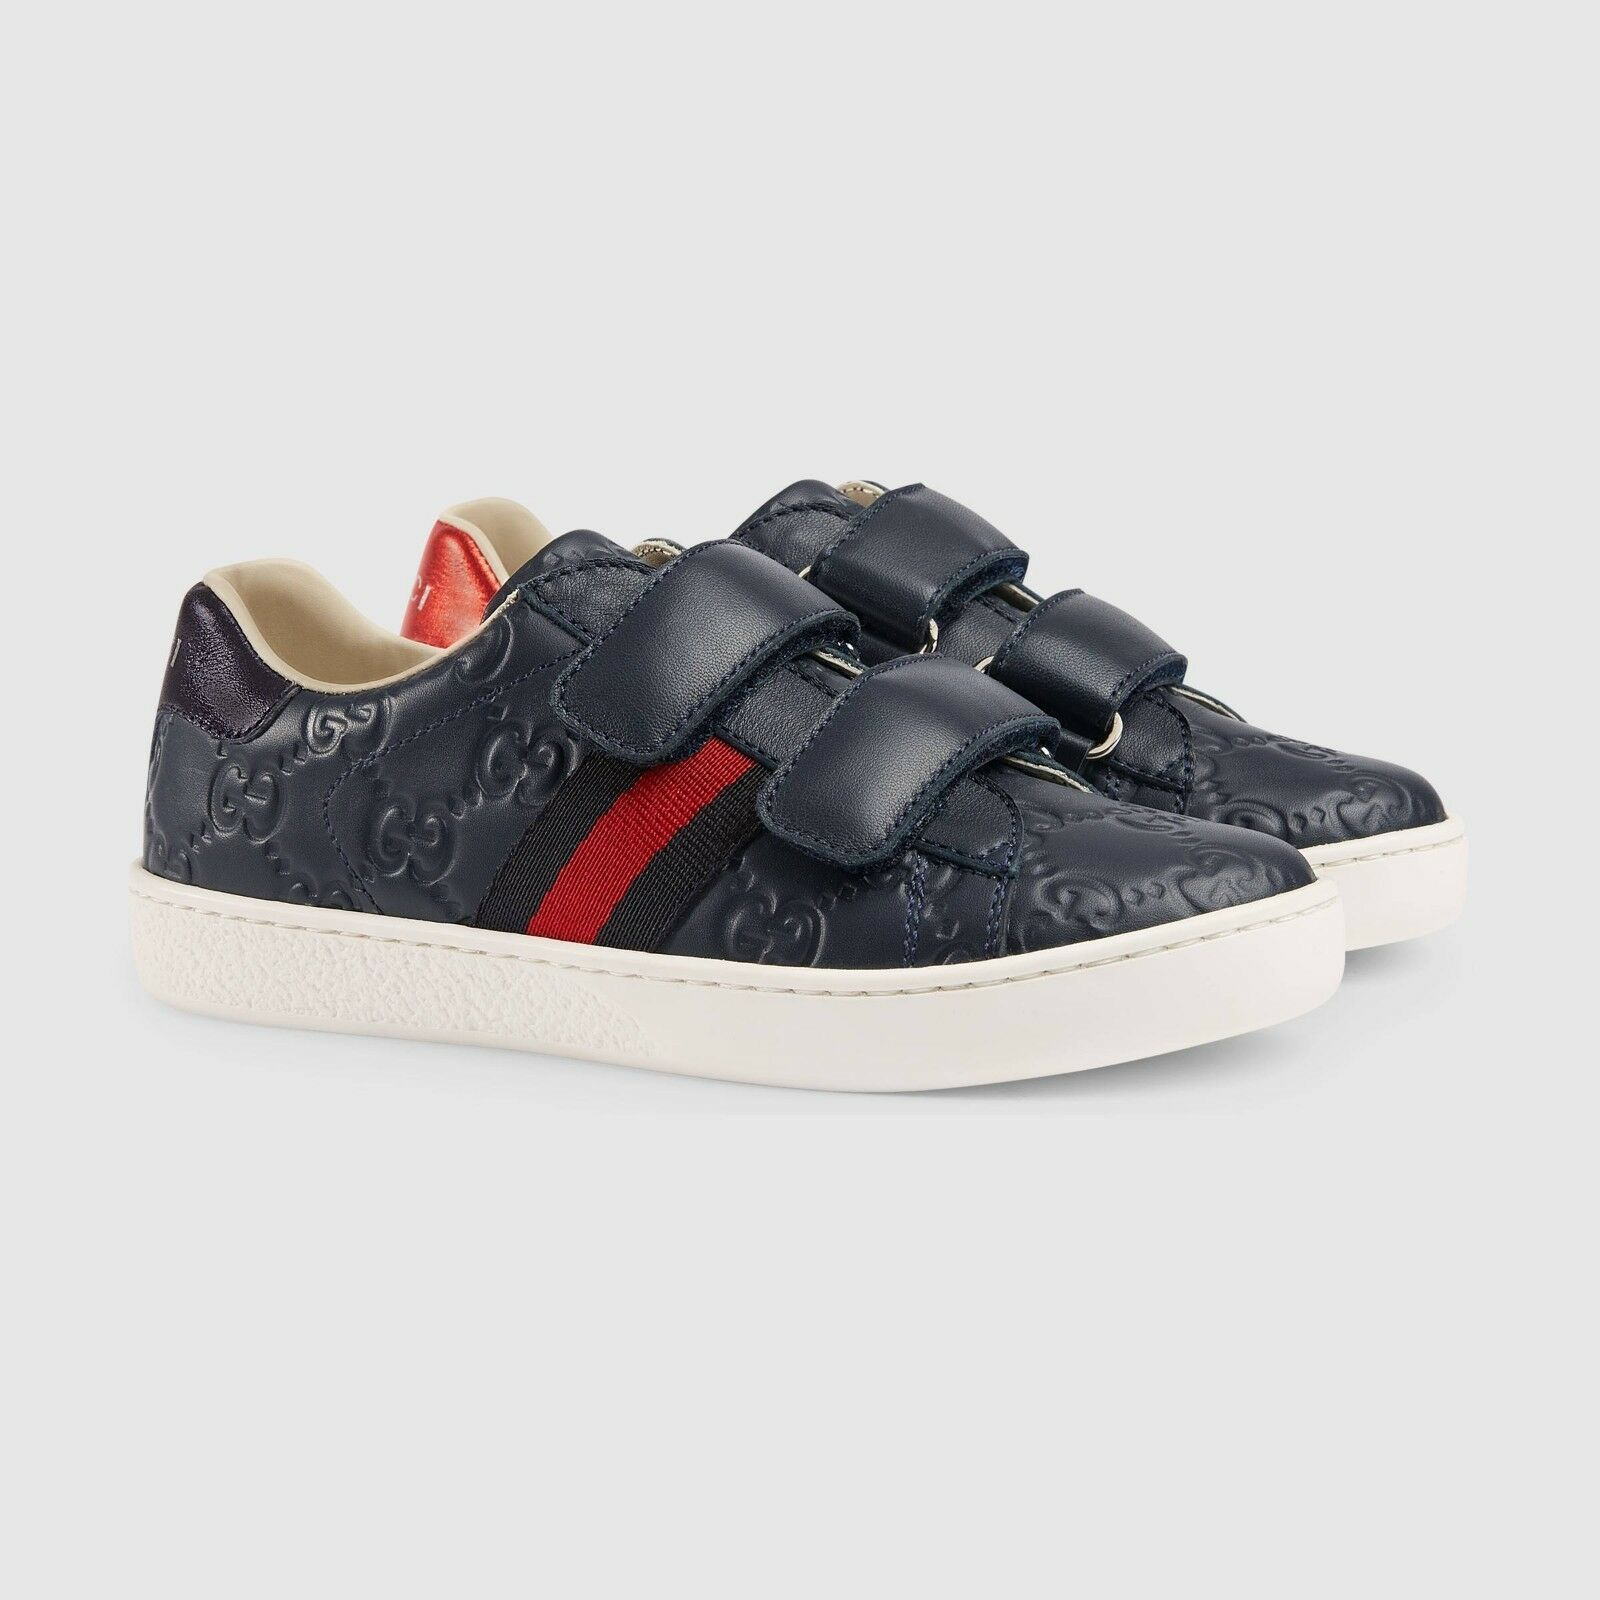 6e74f795c Gucci Children s Ace Signature Sneaker- Blue (Size US 3) (34 ITA) Unisex